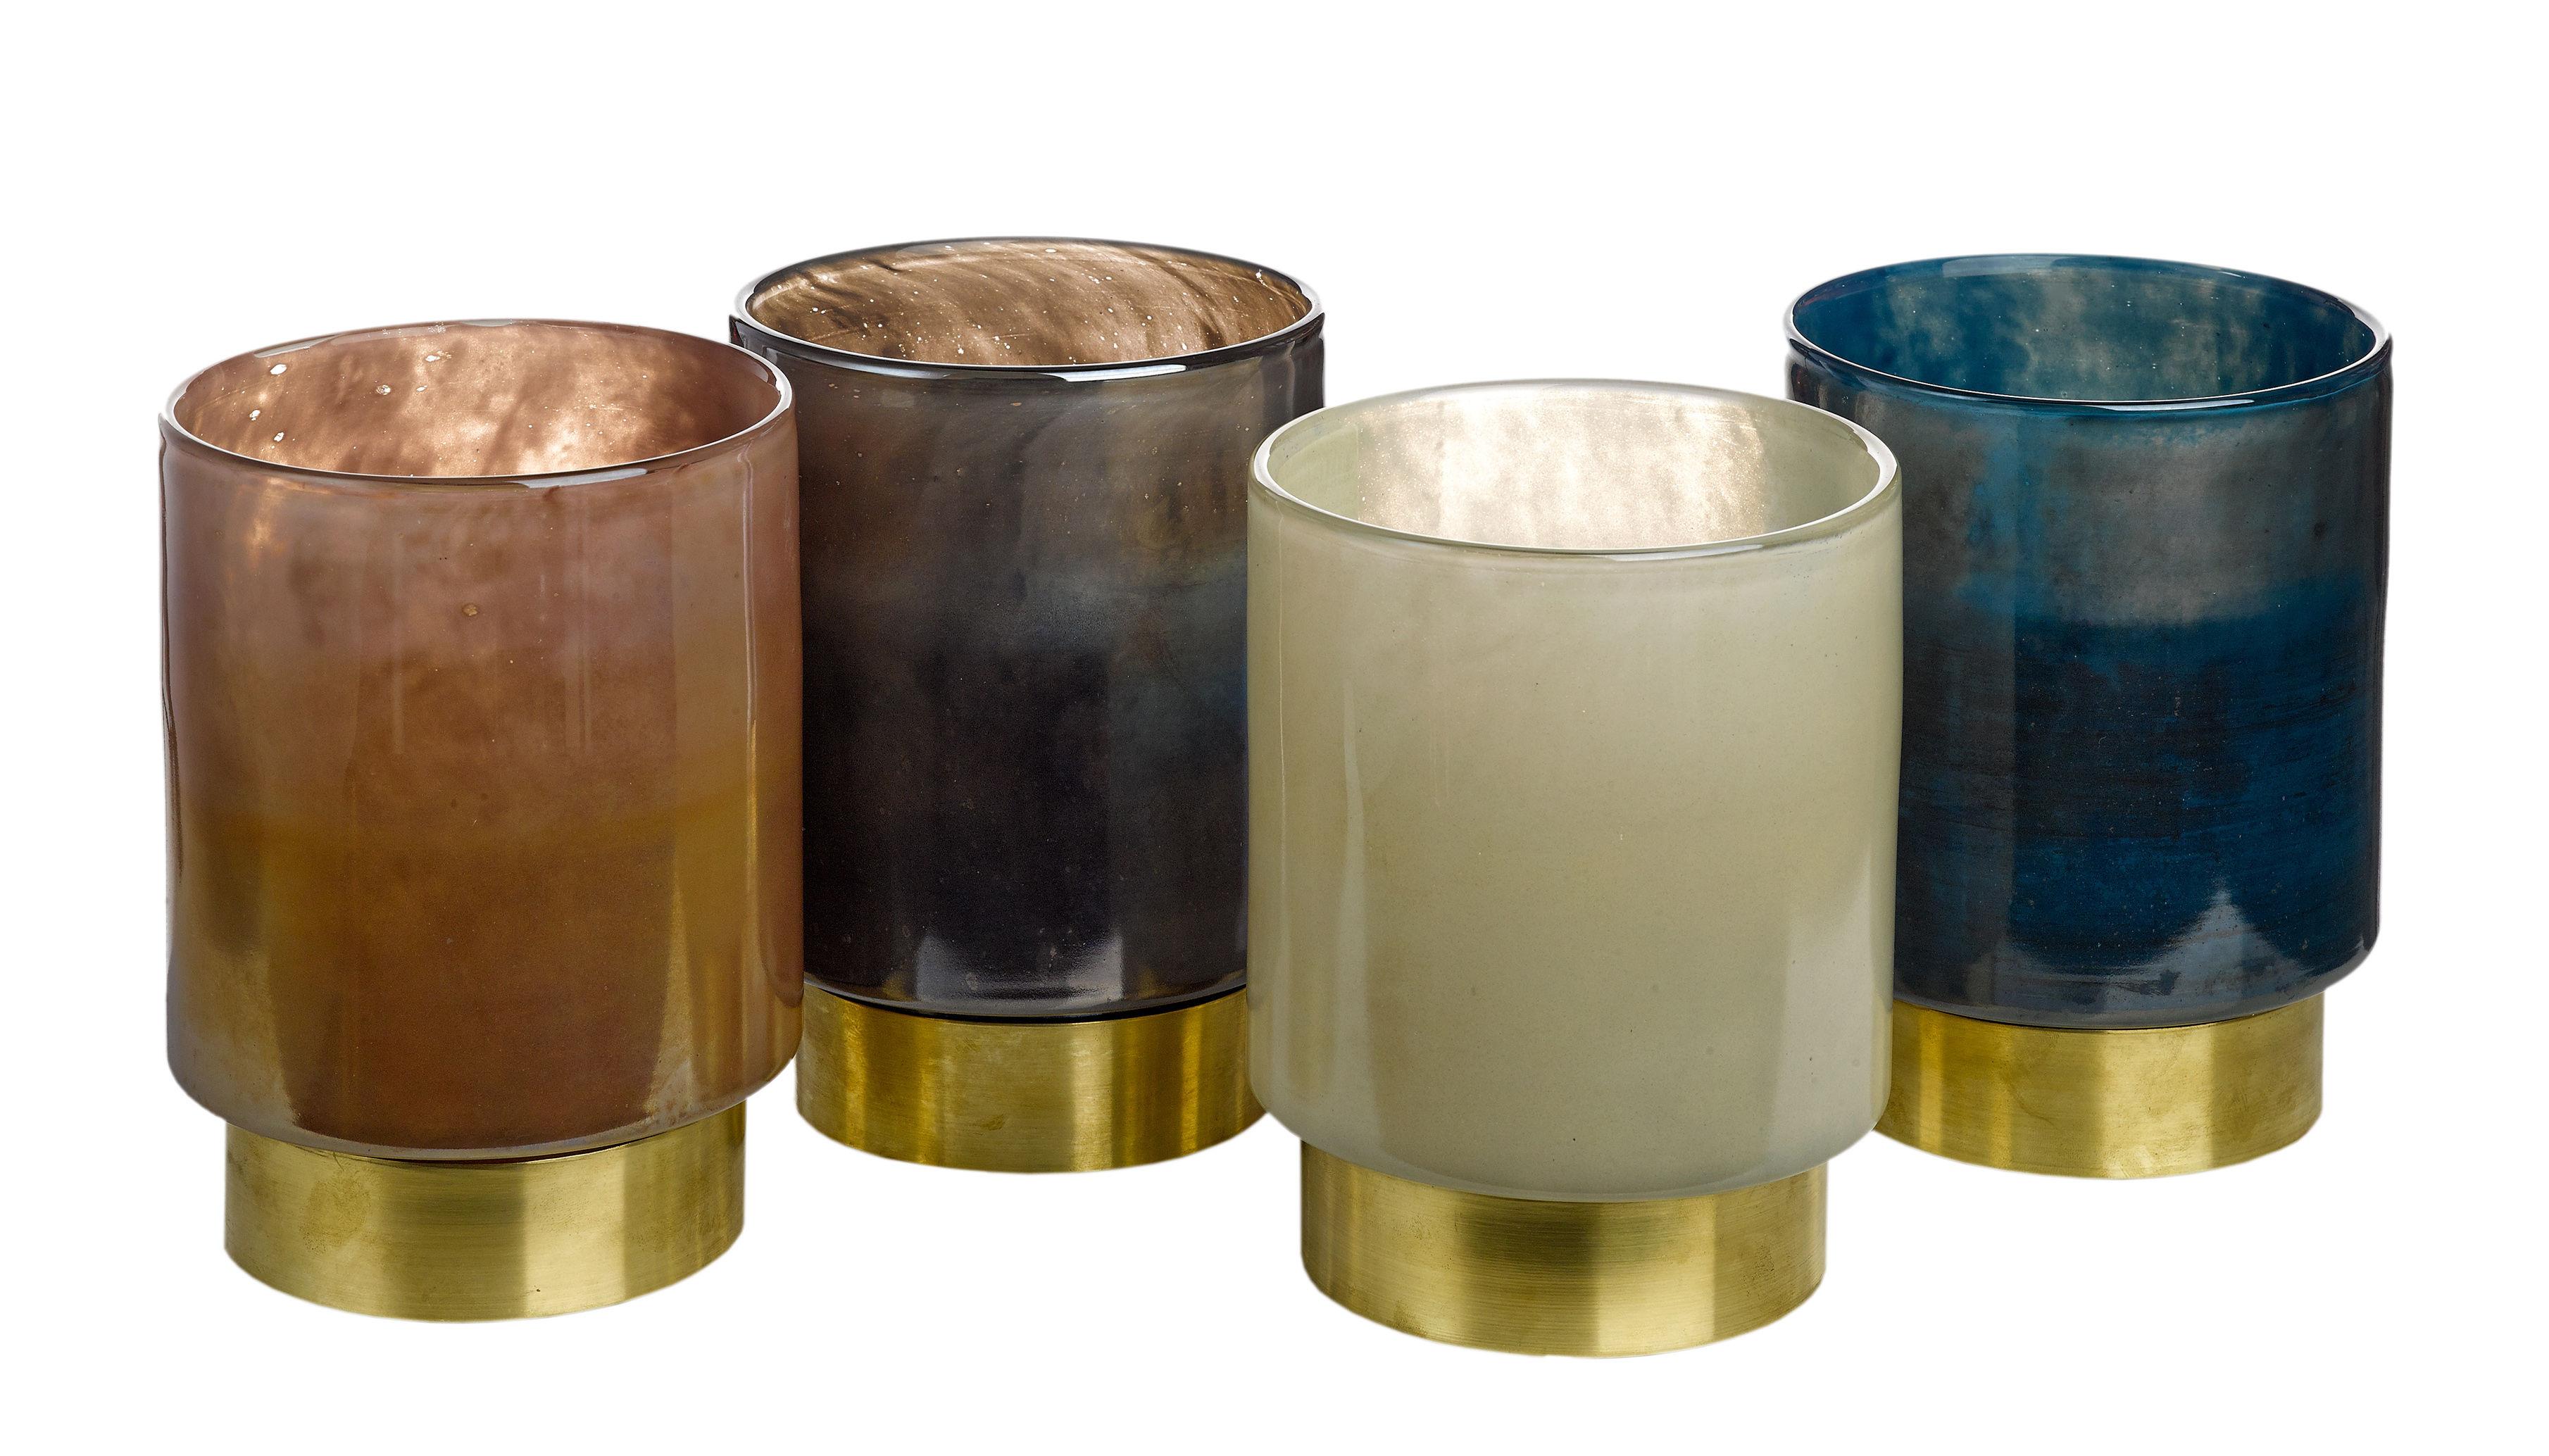 Déco - Bougeoirs, photophores - Photophore Belt Medium / H 19 cm - Set de 4 - Pols Potten - H 19 cm / Rose, beige, bleu, noir - Laiton, Verre